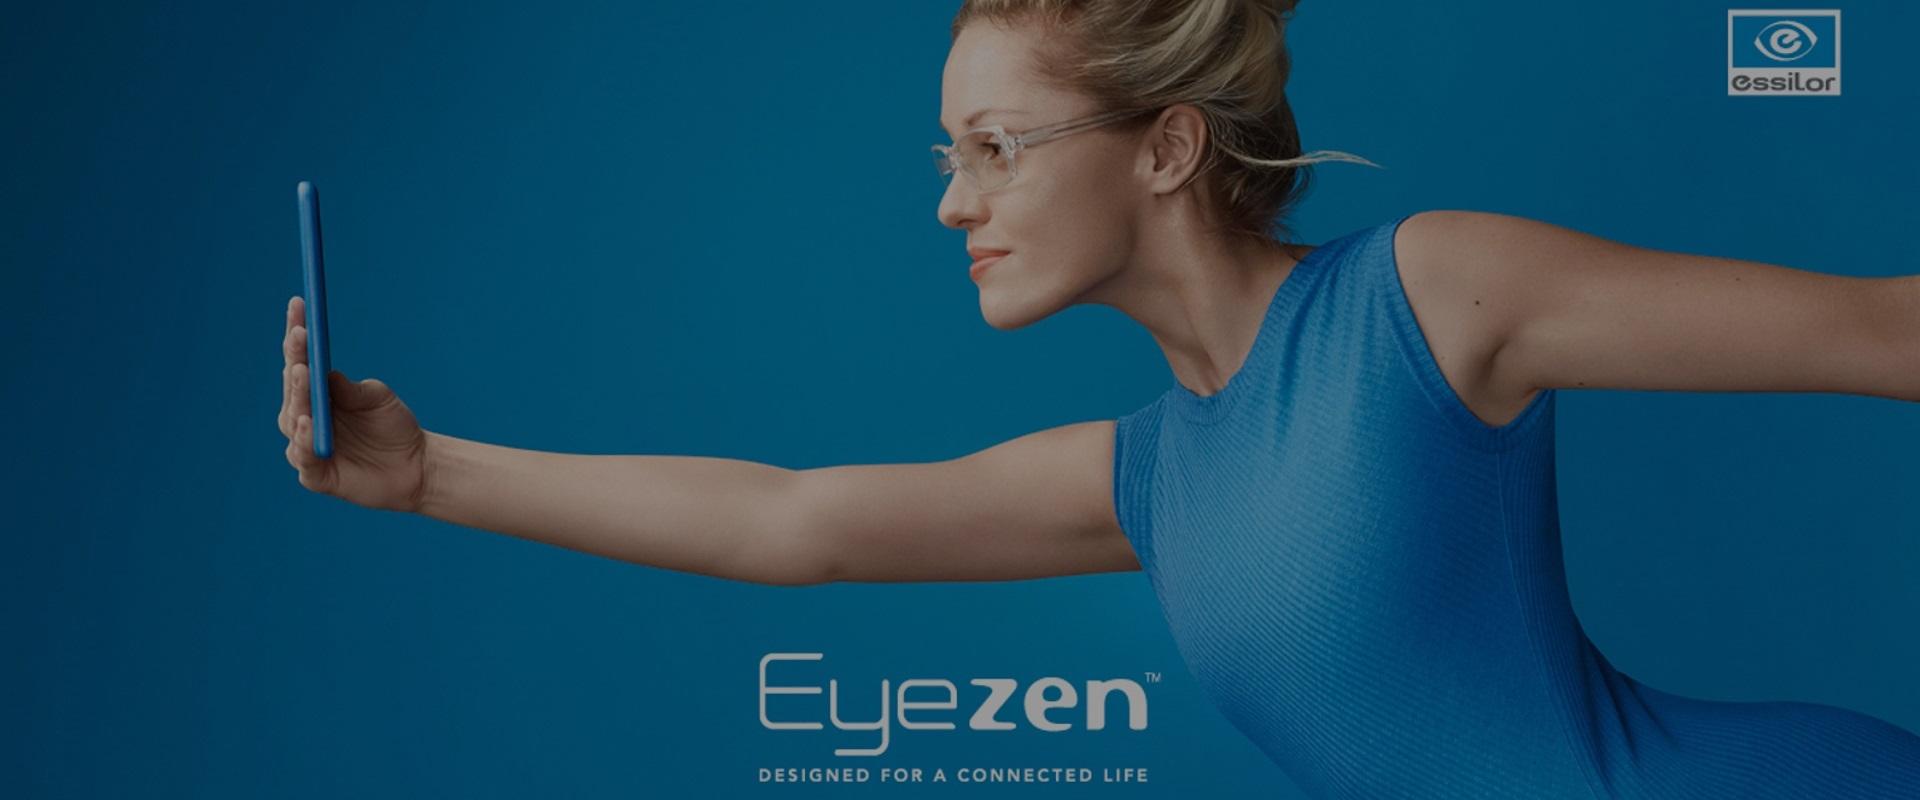 EYEZEN™ TECHNOLOGY